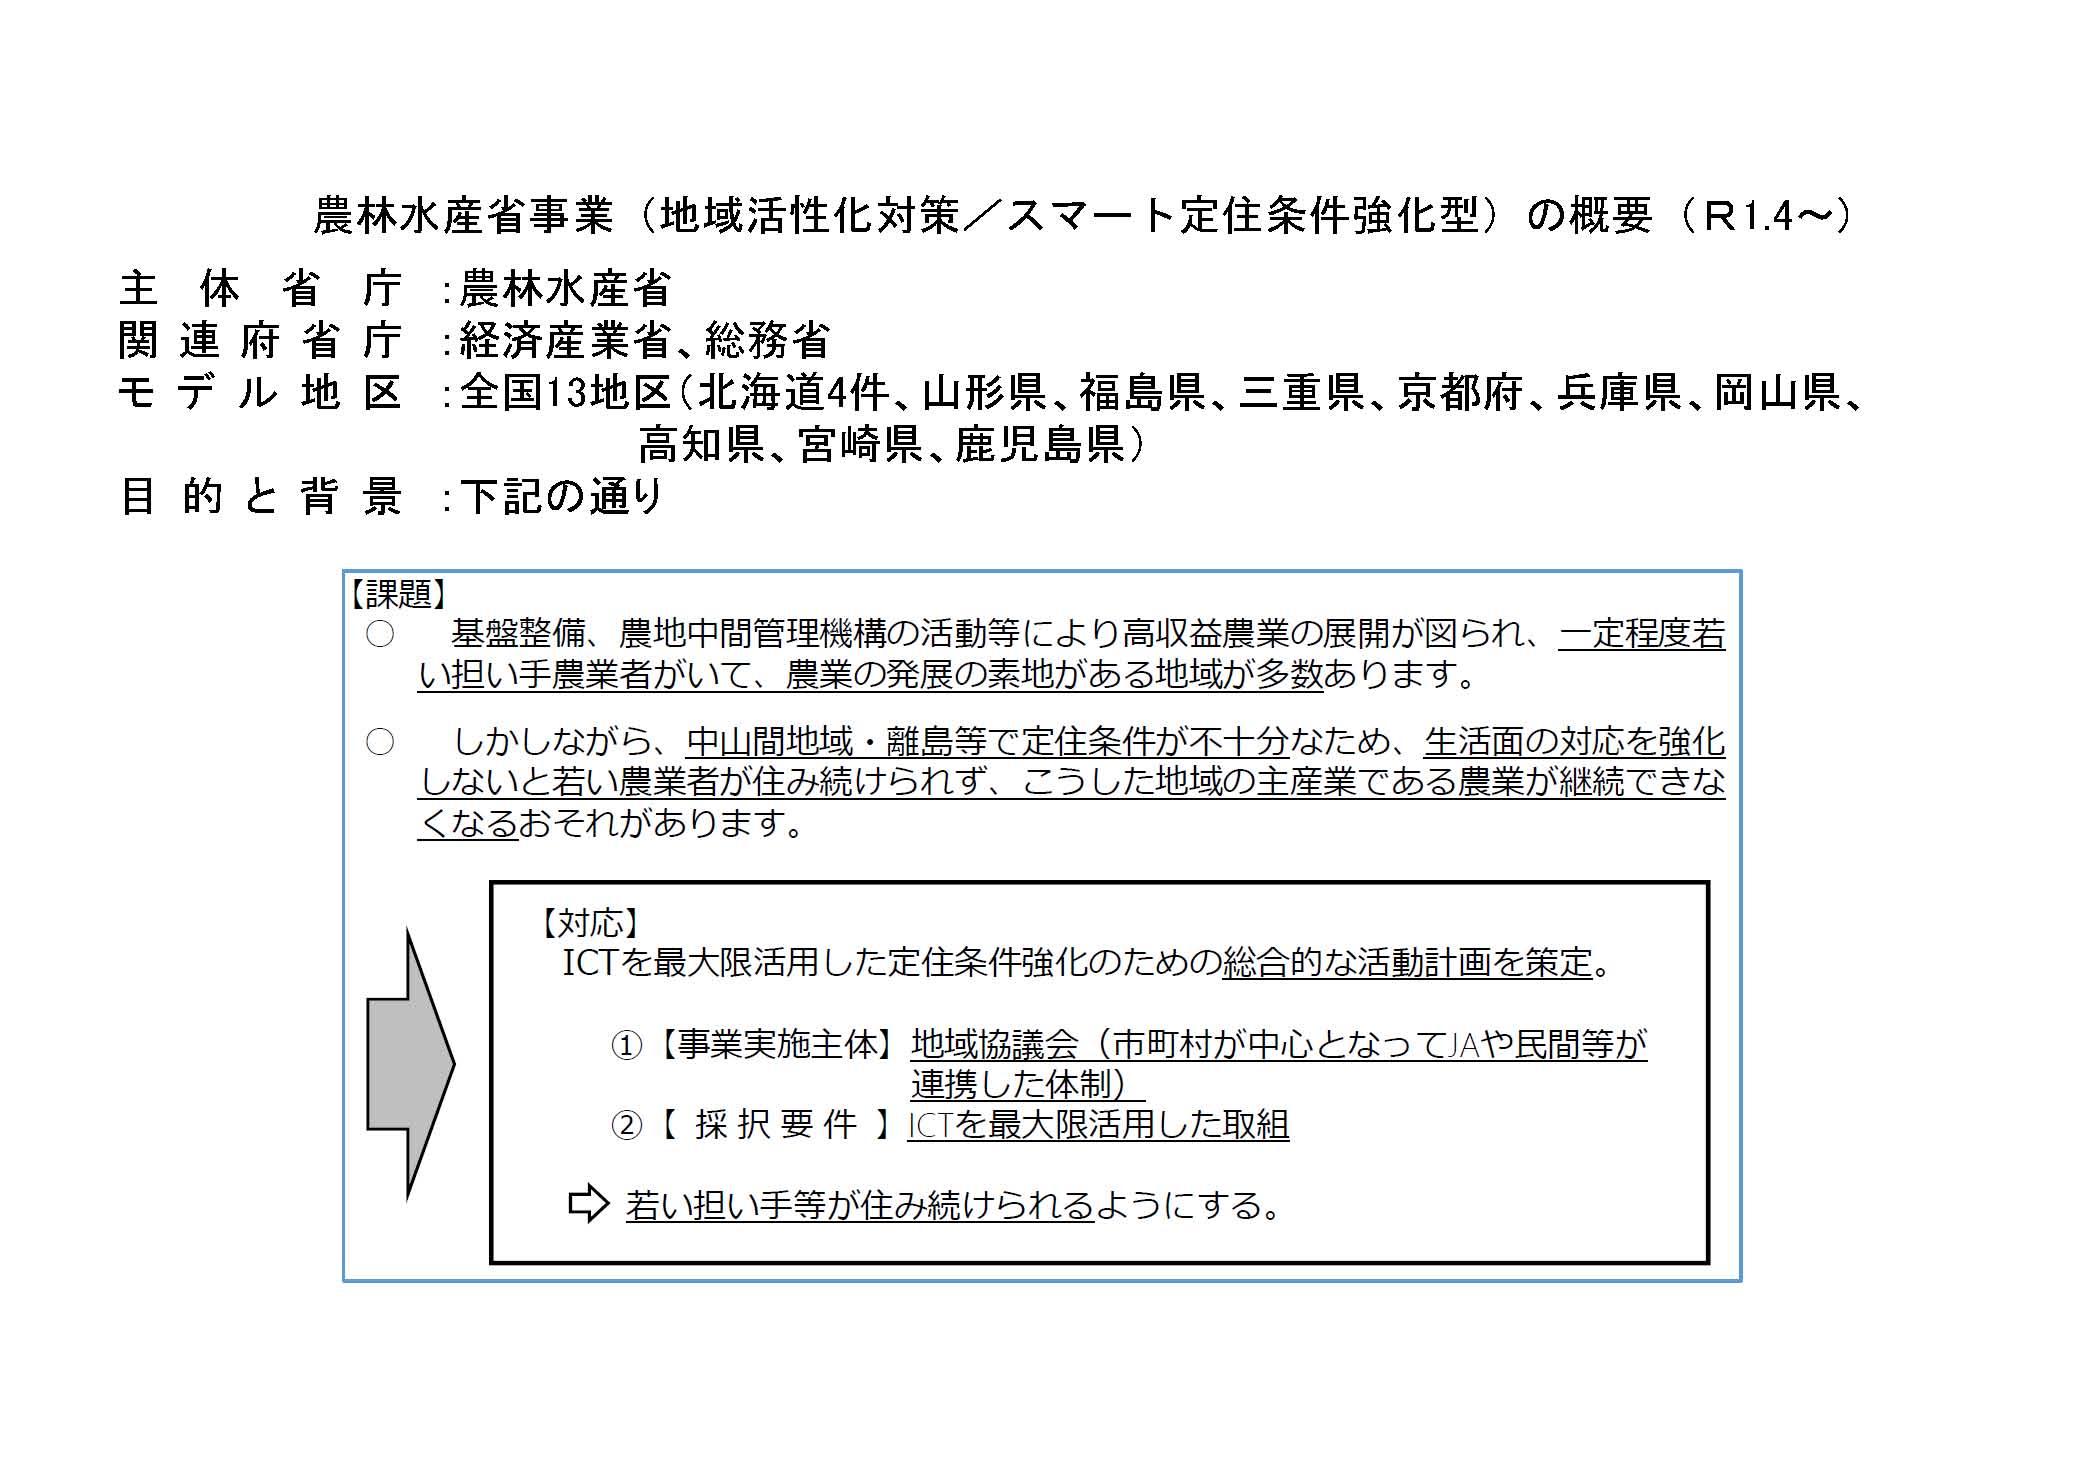 勢和地域に於けるスマート定住条件強化型事業の紹介(その1/8)